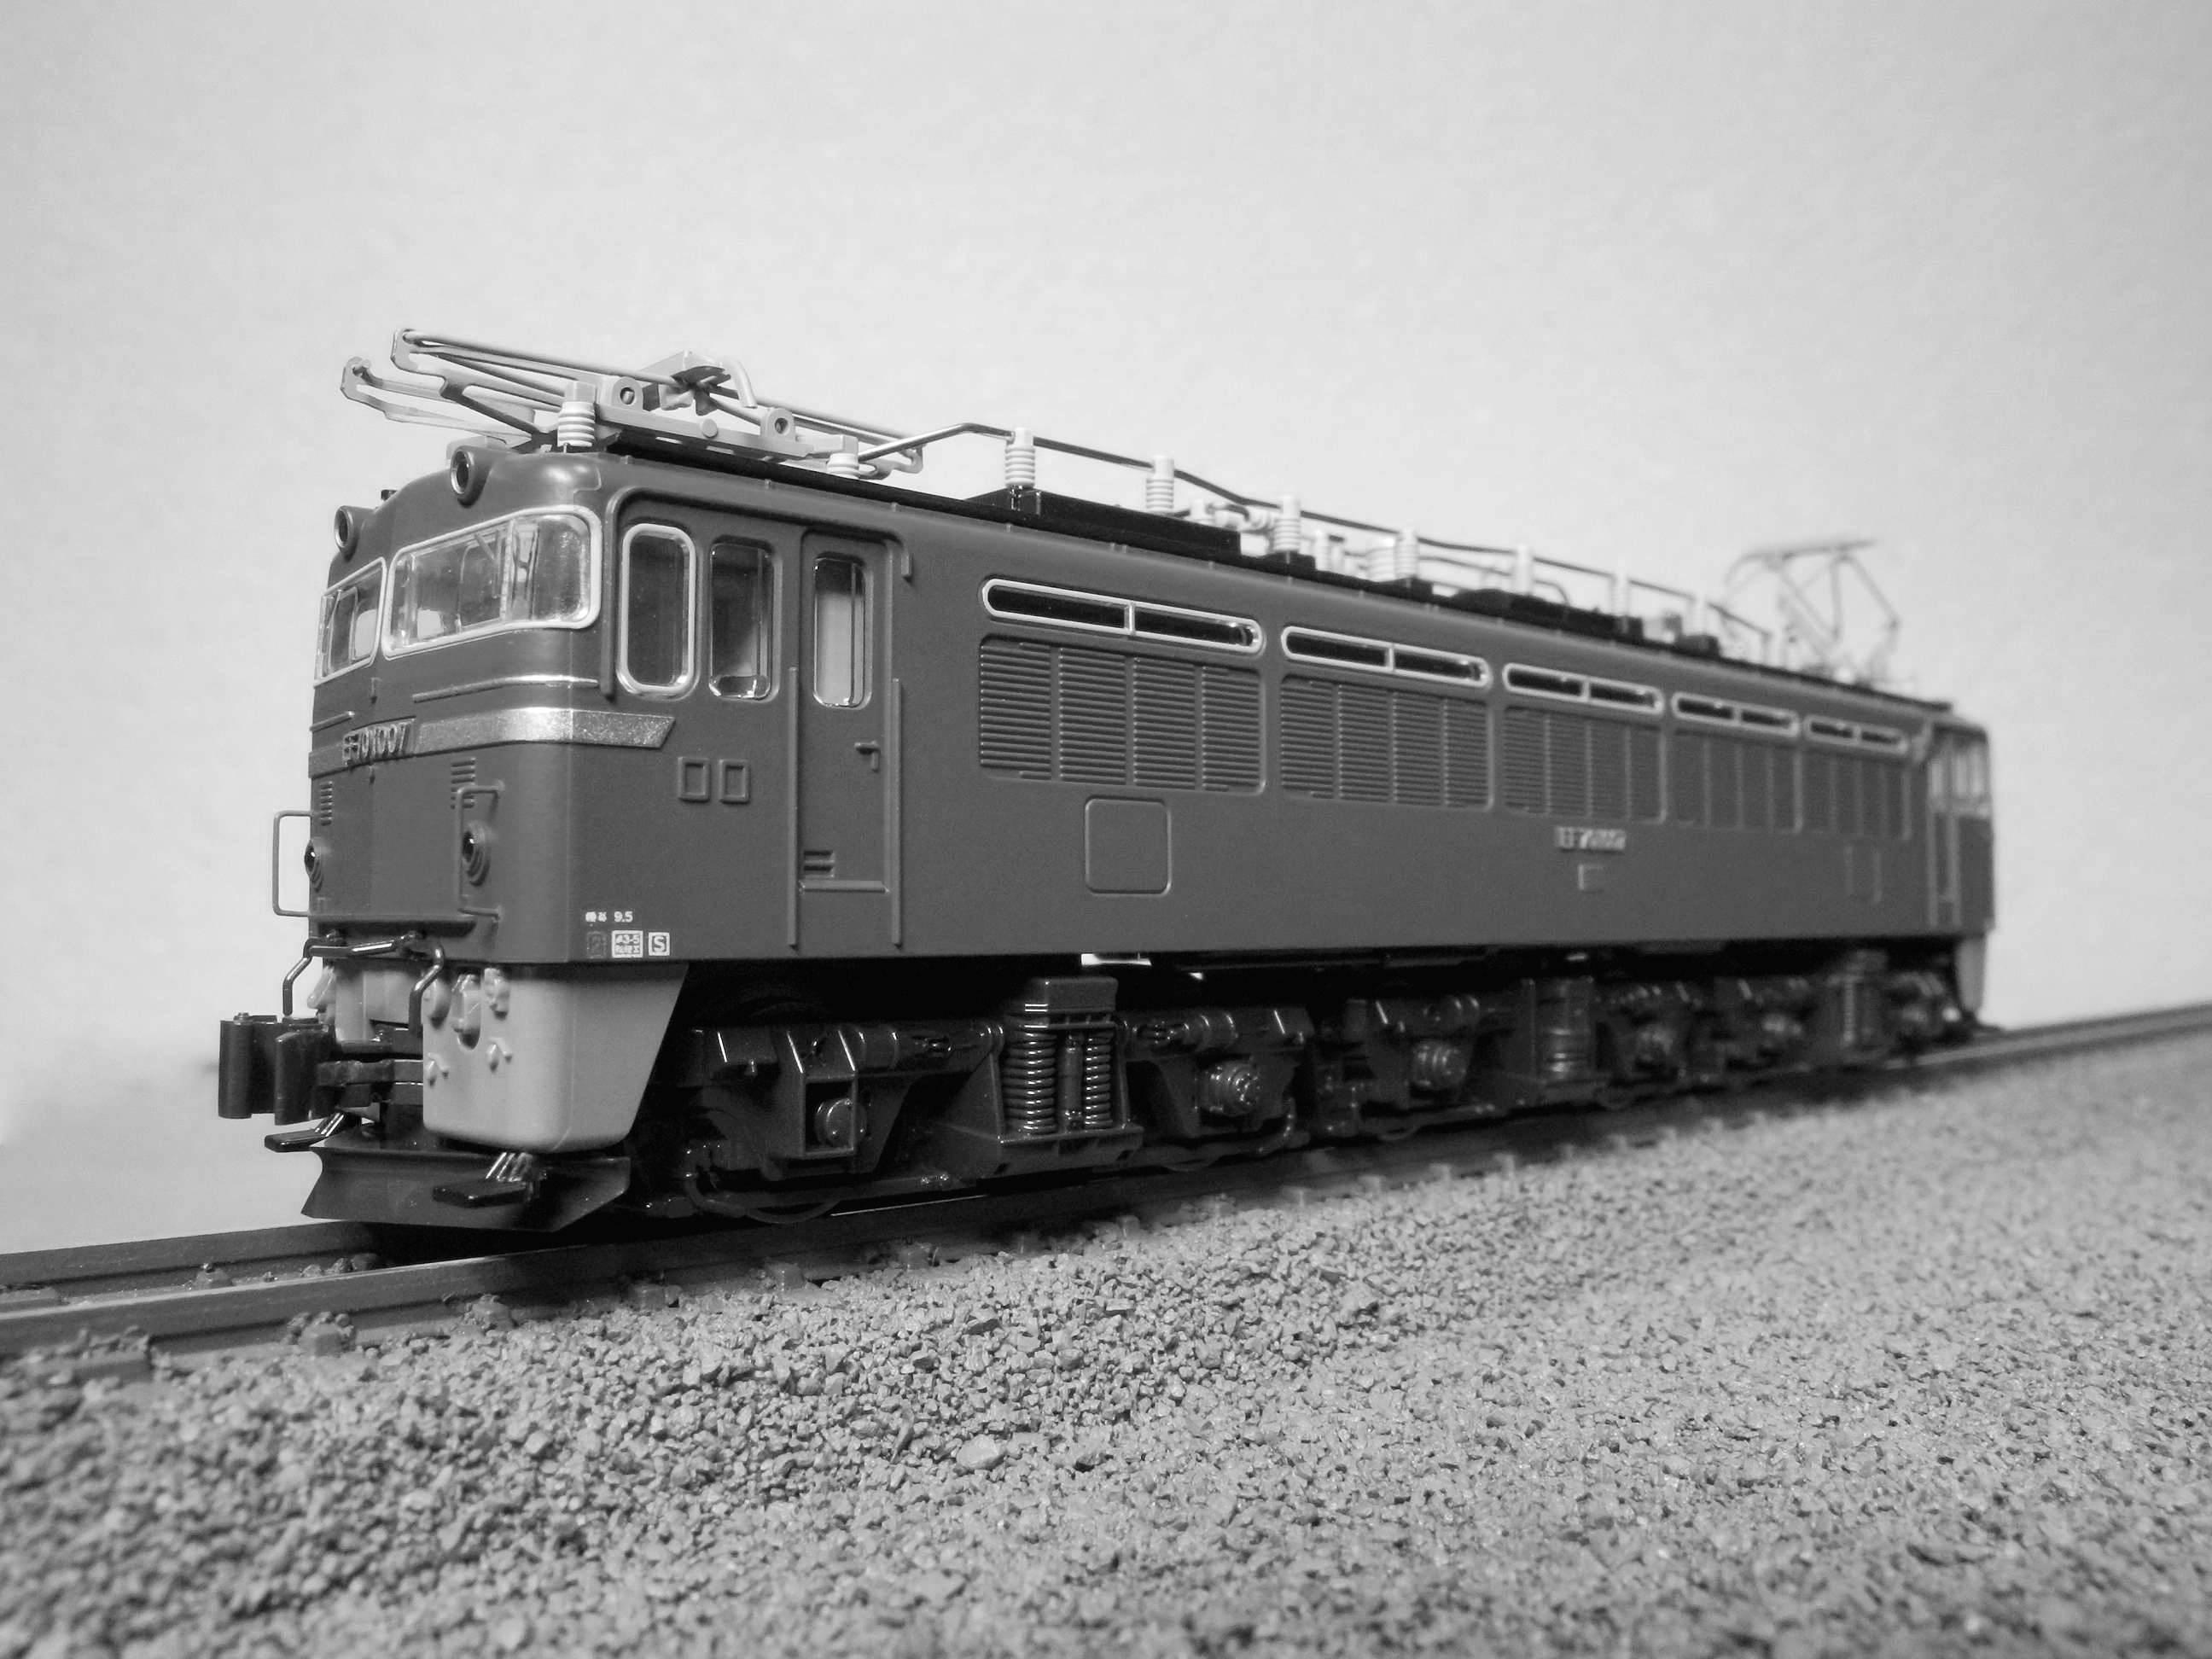 DSCN8007-2.jpg